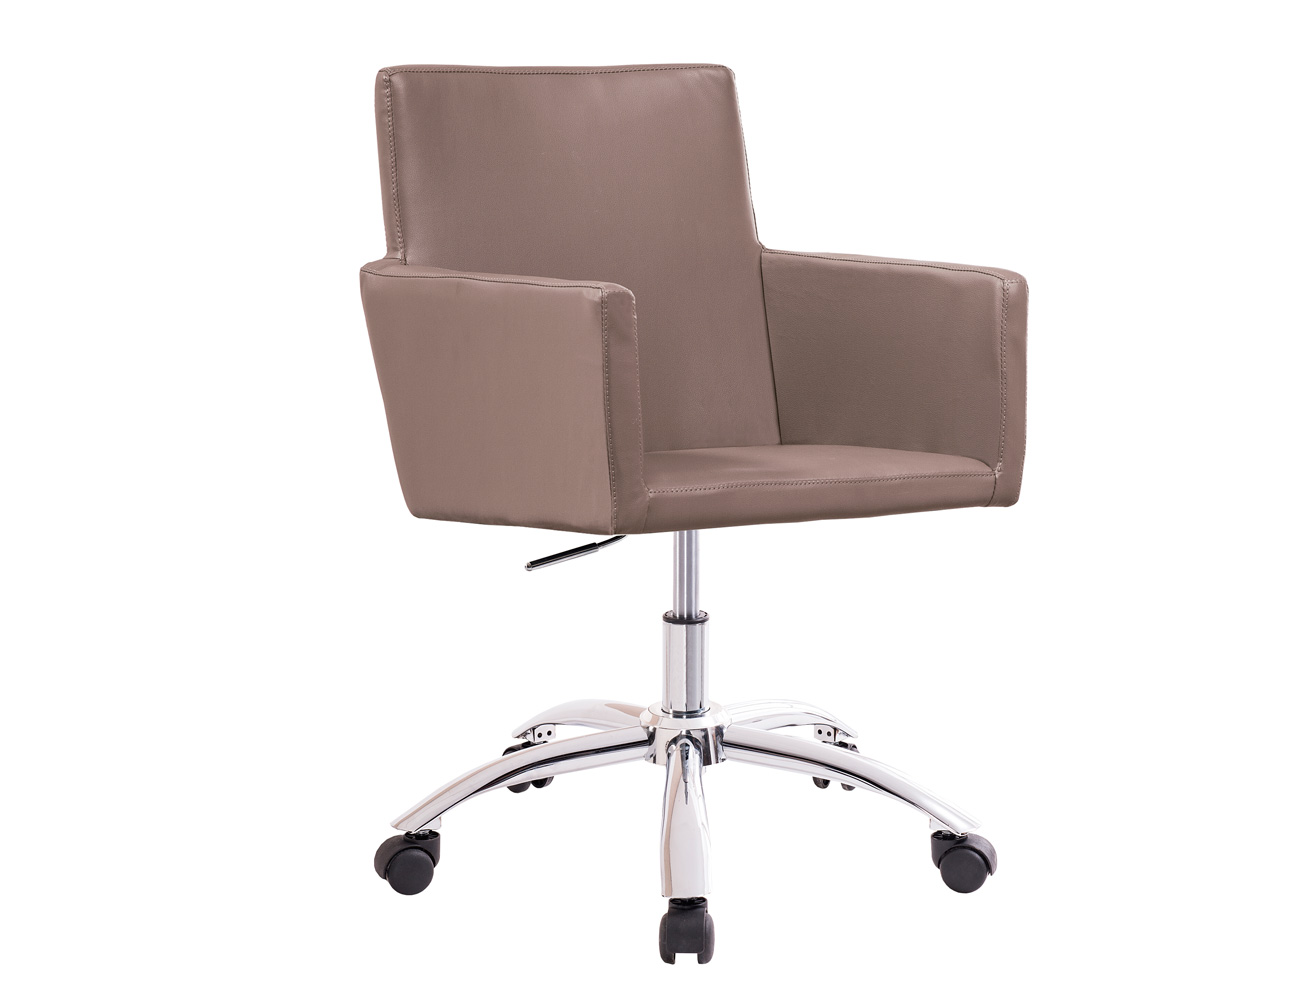 Sillon oficina despacho regulable altura ruedas polipiel vison